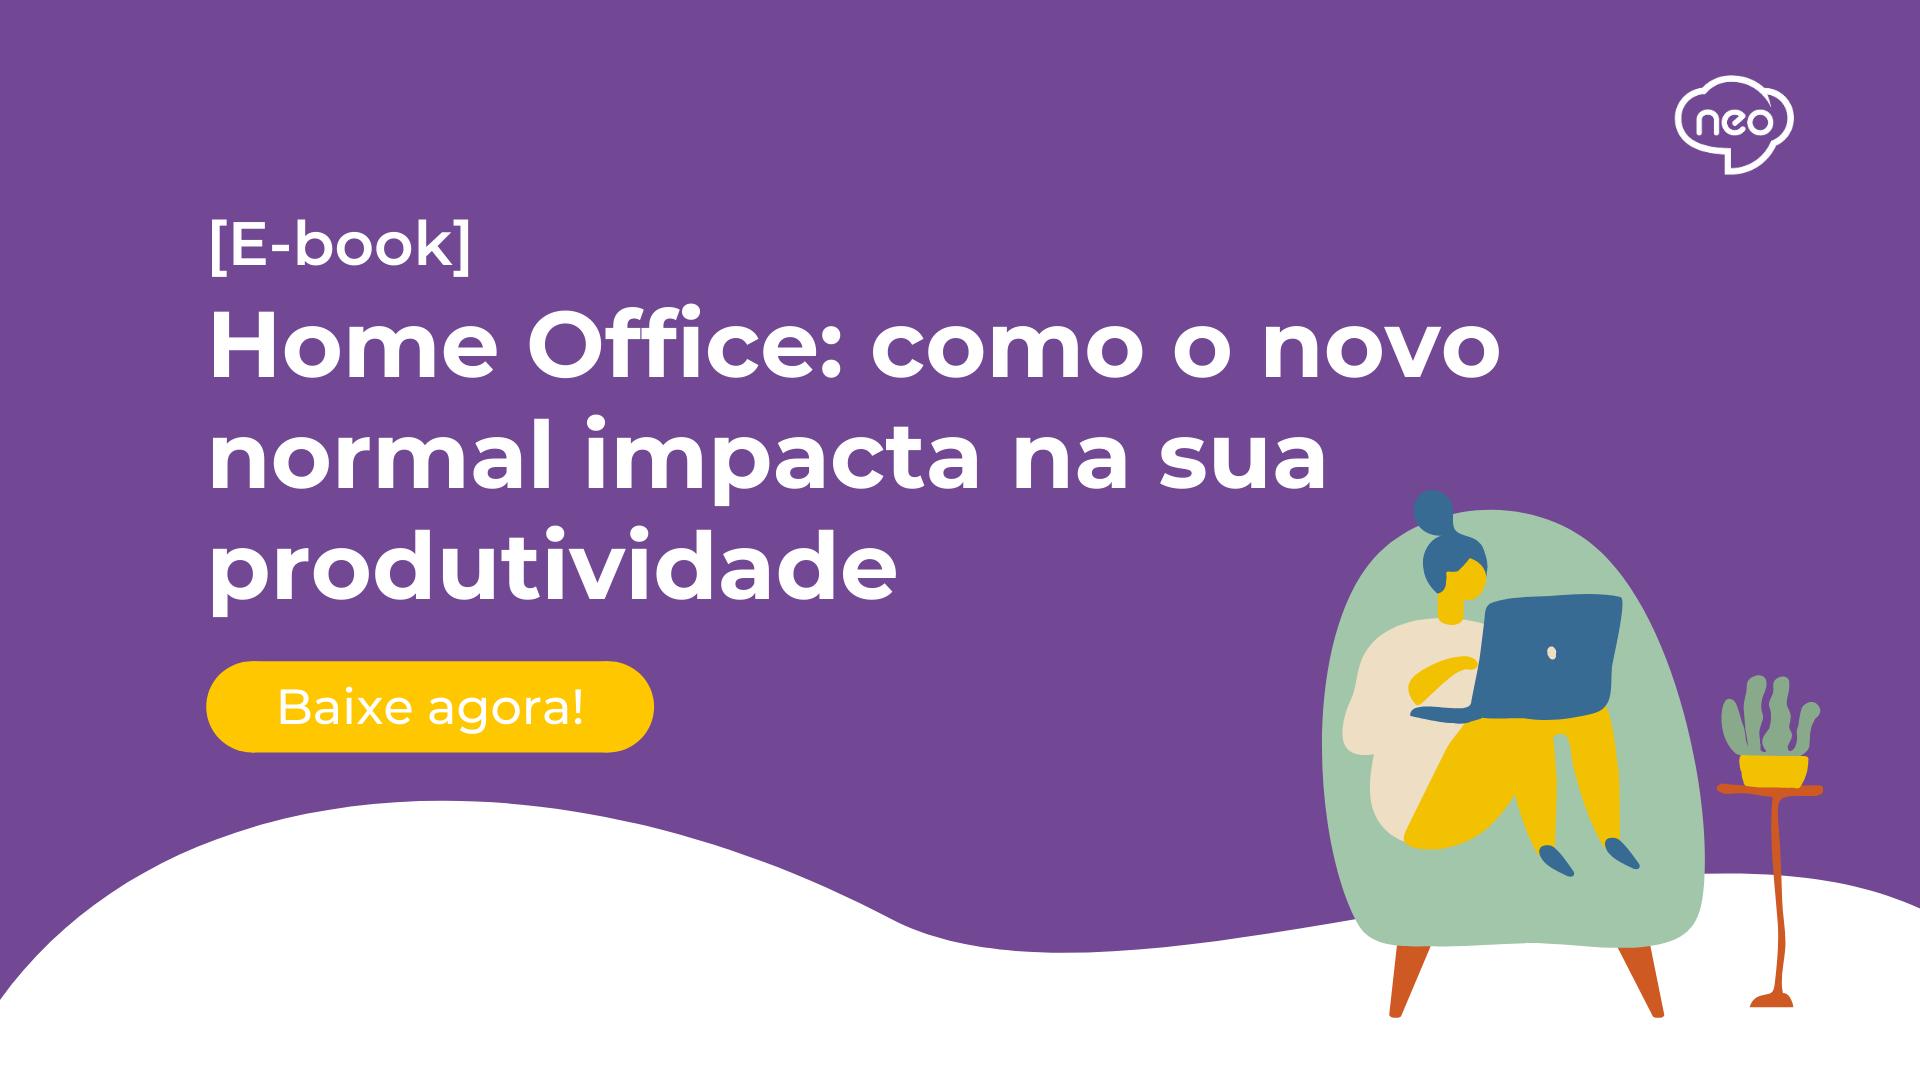 Home office - Como o novo normal impacta na sua produtividade